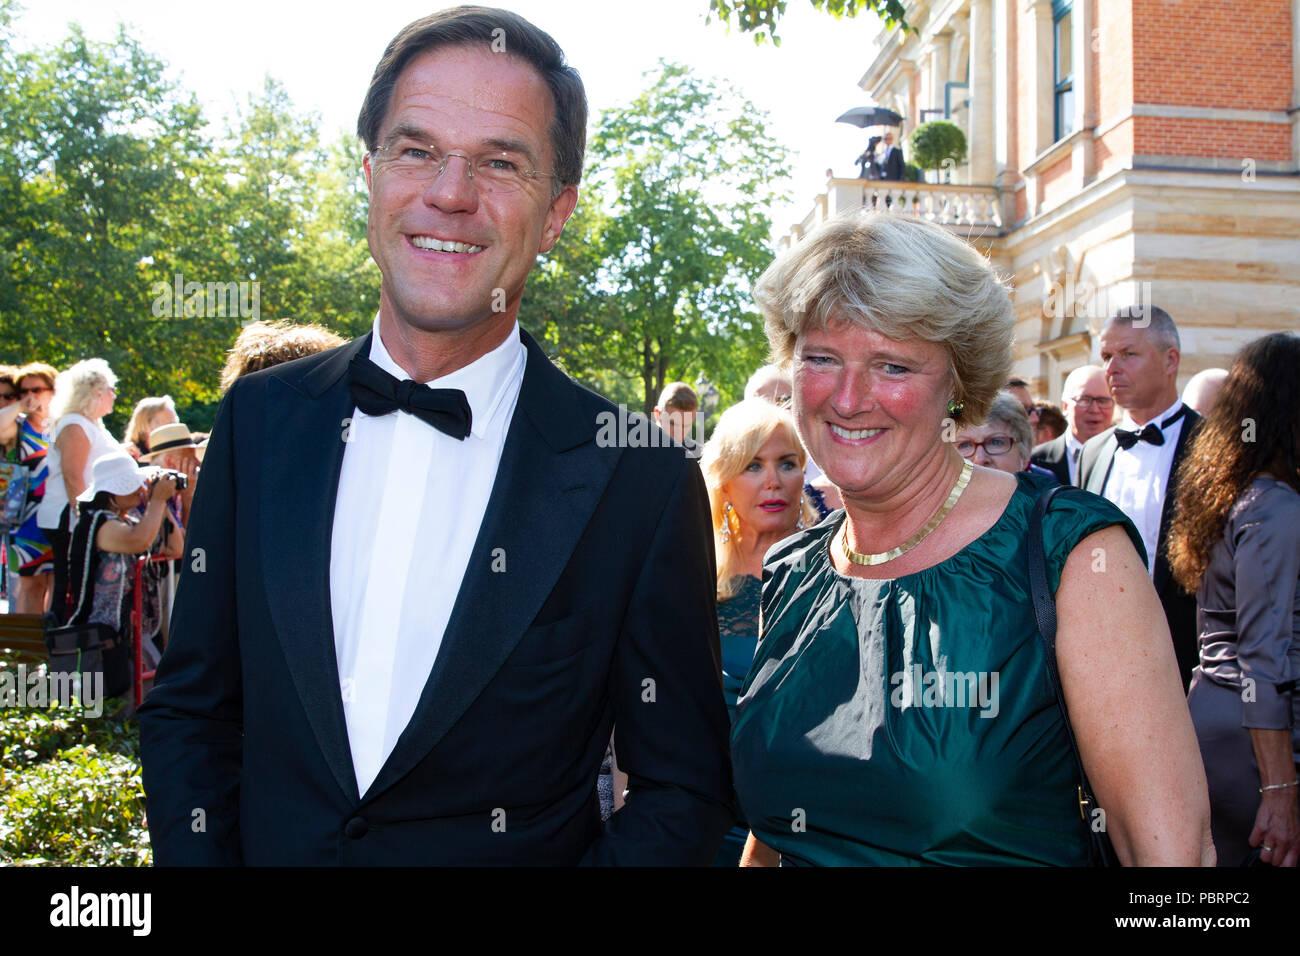 Mark Rutte (Niederländischer Ministerpräsident) und Professorin Monika Grütters (Staatsministerin und Beauftragte der Bundesregierung für Kultur) - Stock Image